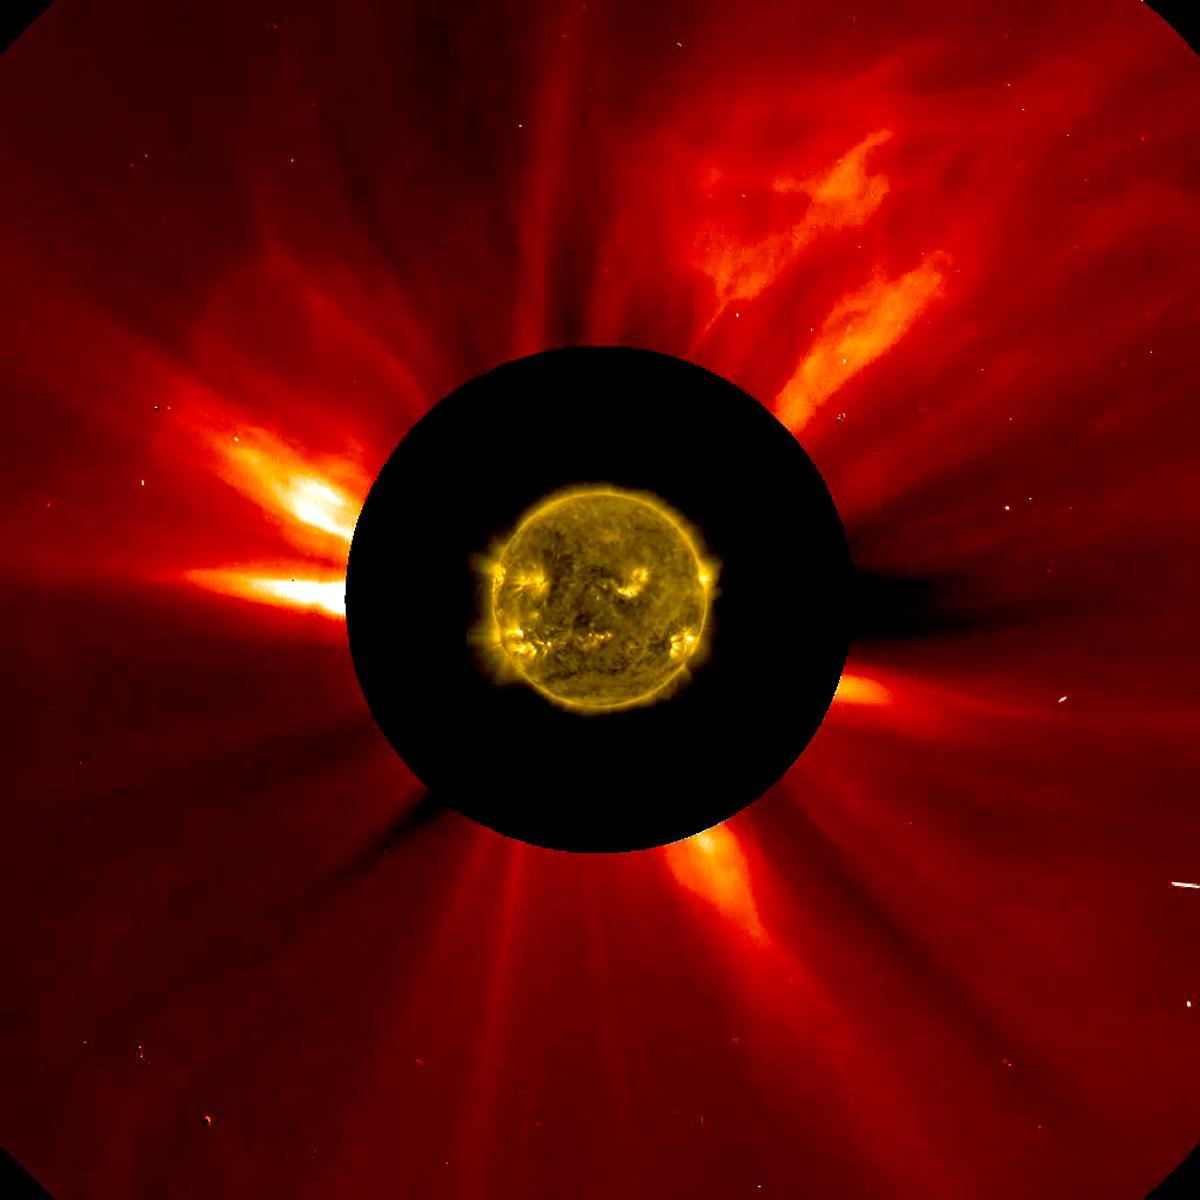 NASA - ESA/NASA's SOHO Spacecraft – A Crucial Space ...